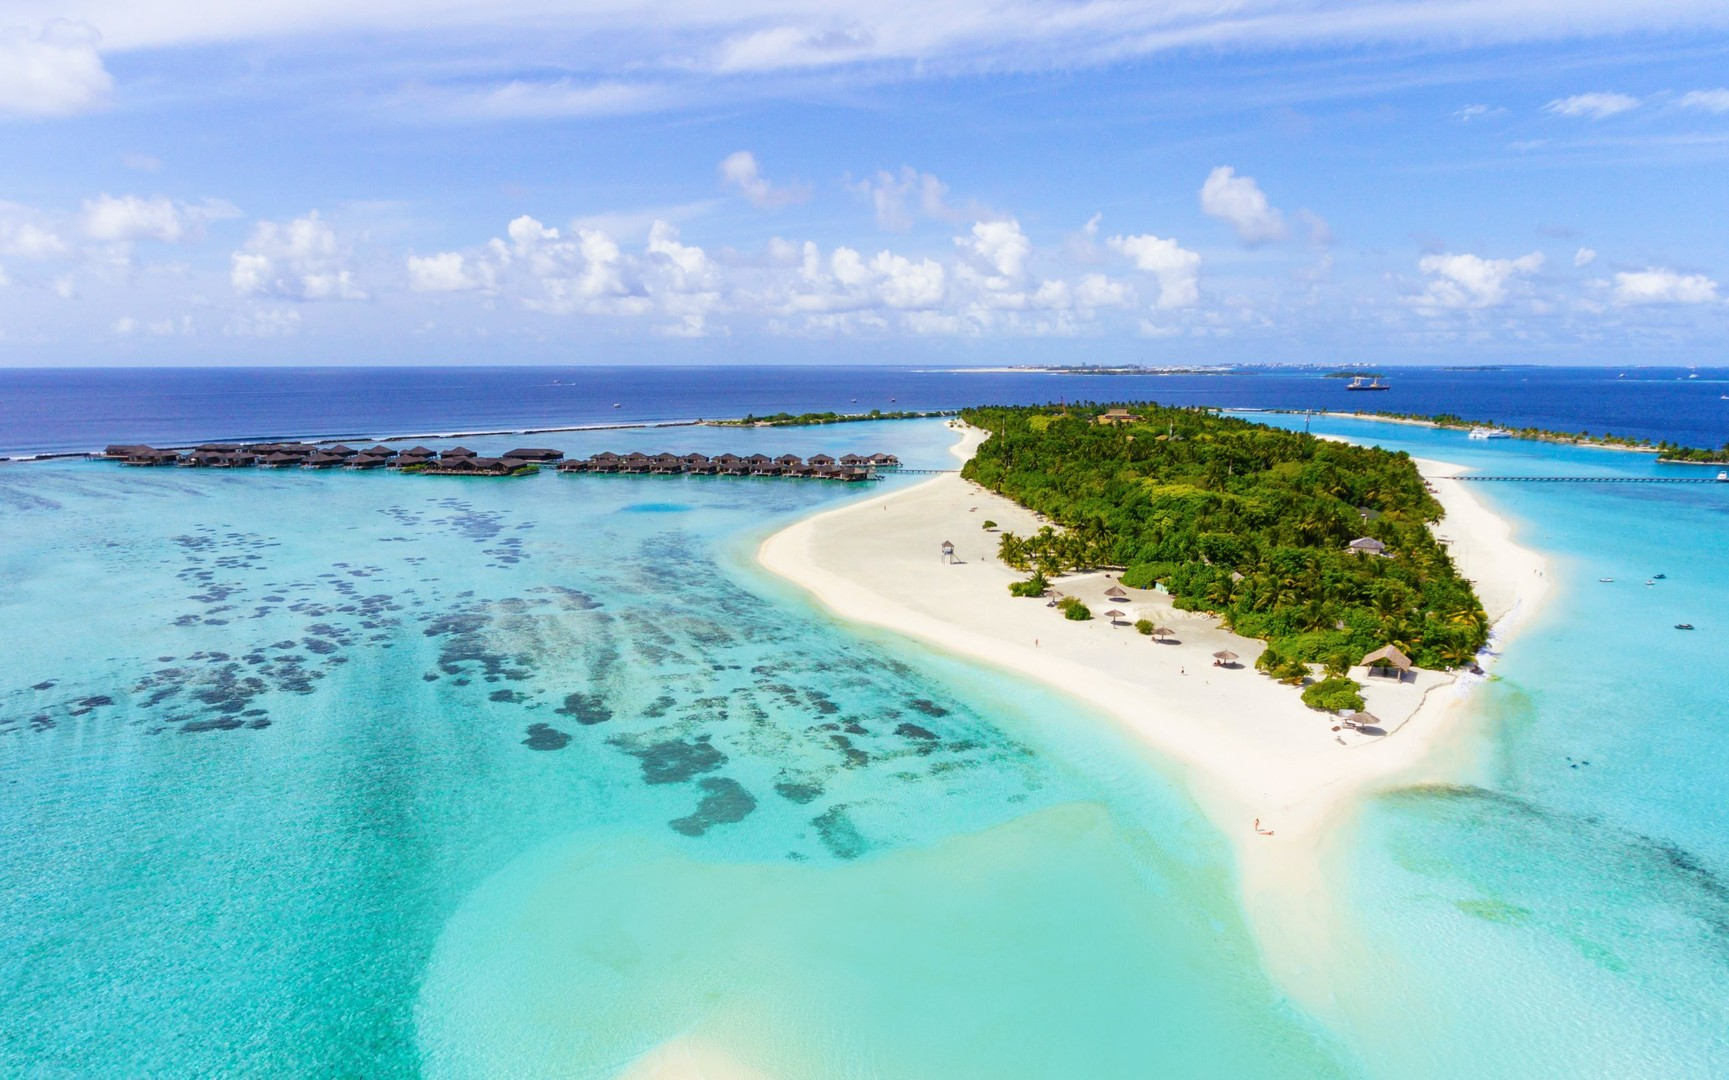 Hotel Paradise Island Resort & Spa - nabídka na vyžádání